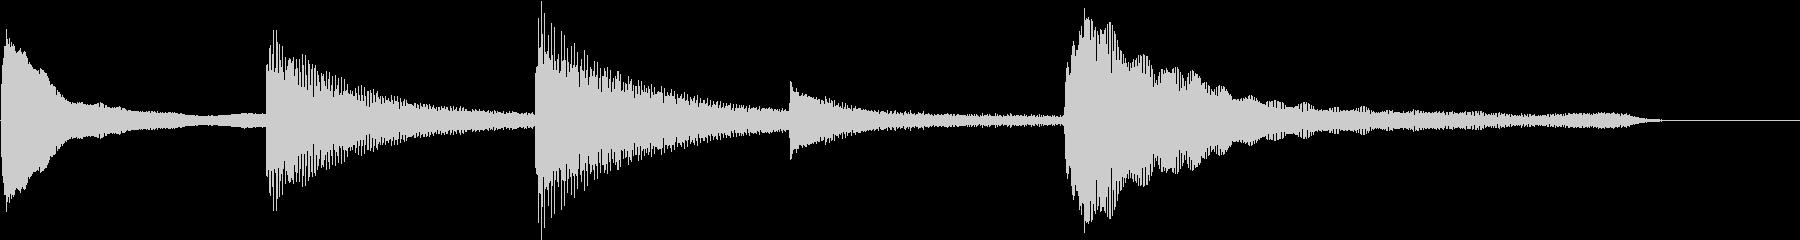 心に響くシンプルなピアノジングルの未再生の波形